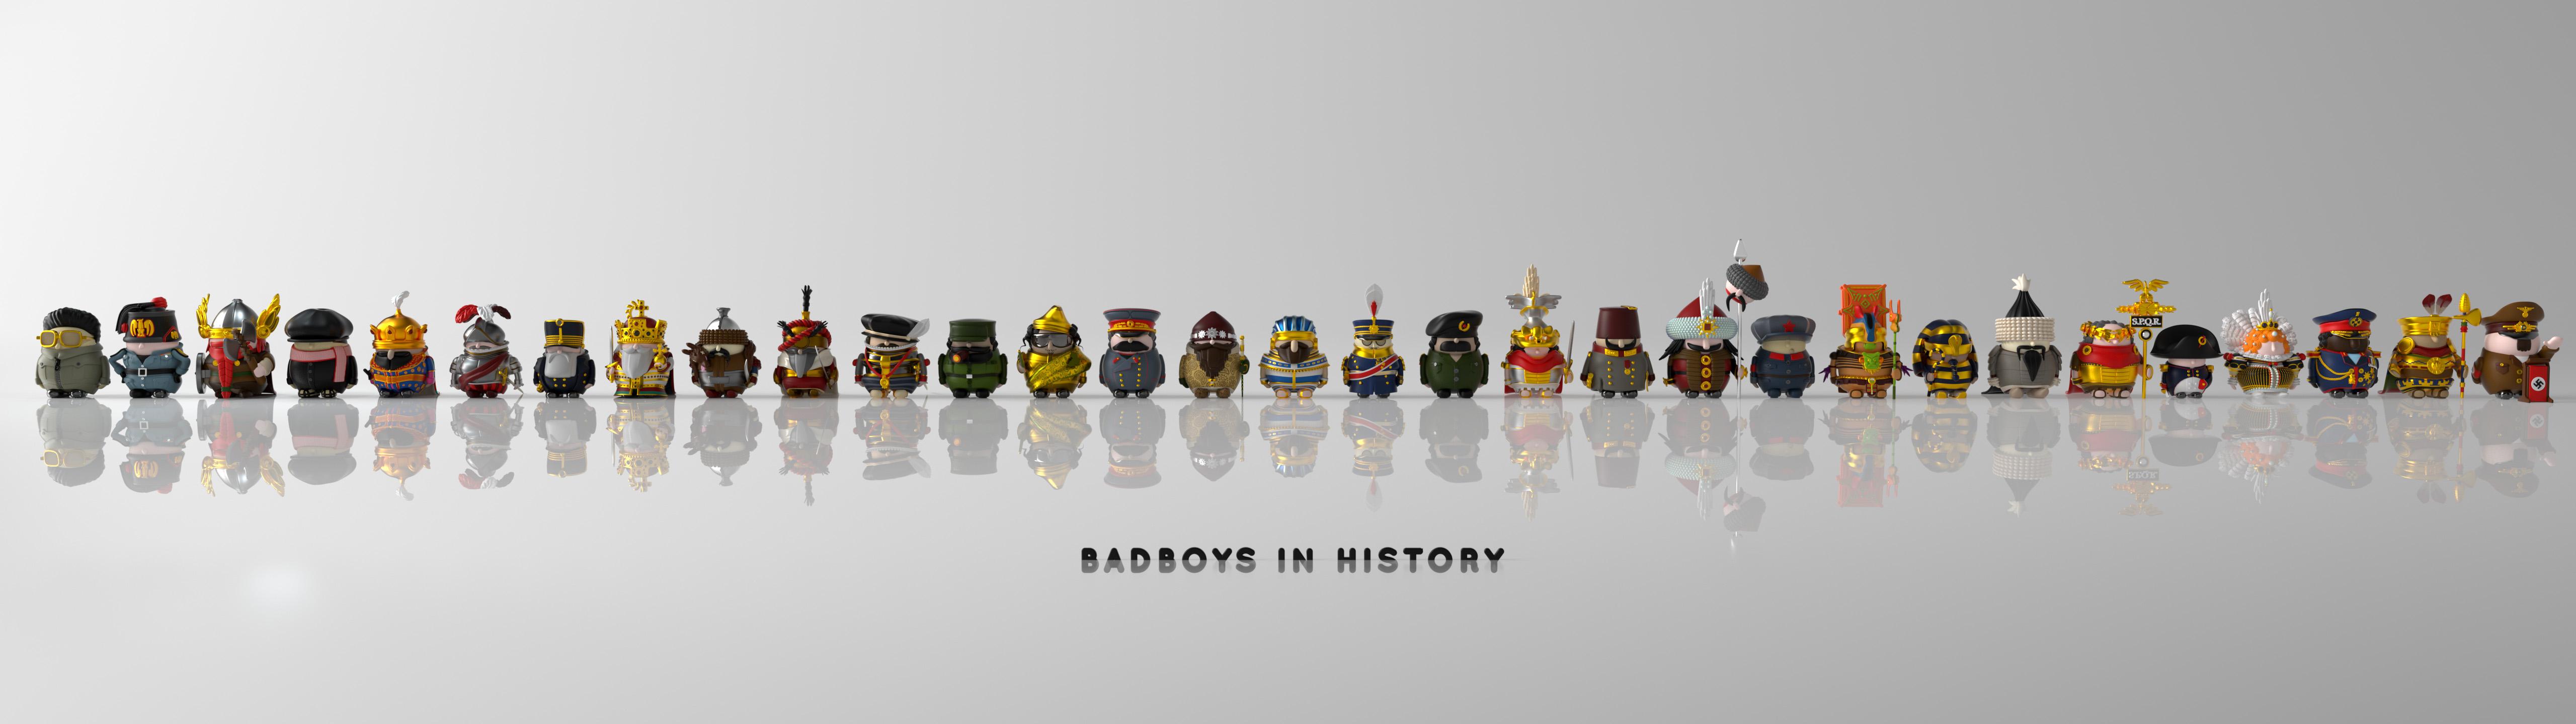 Badboys In History